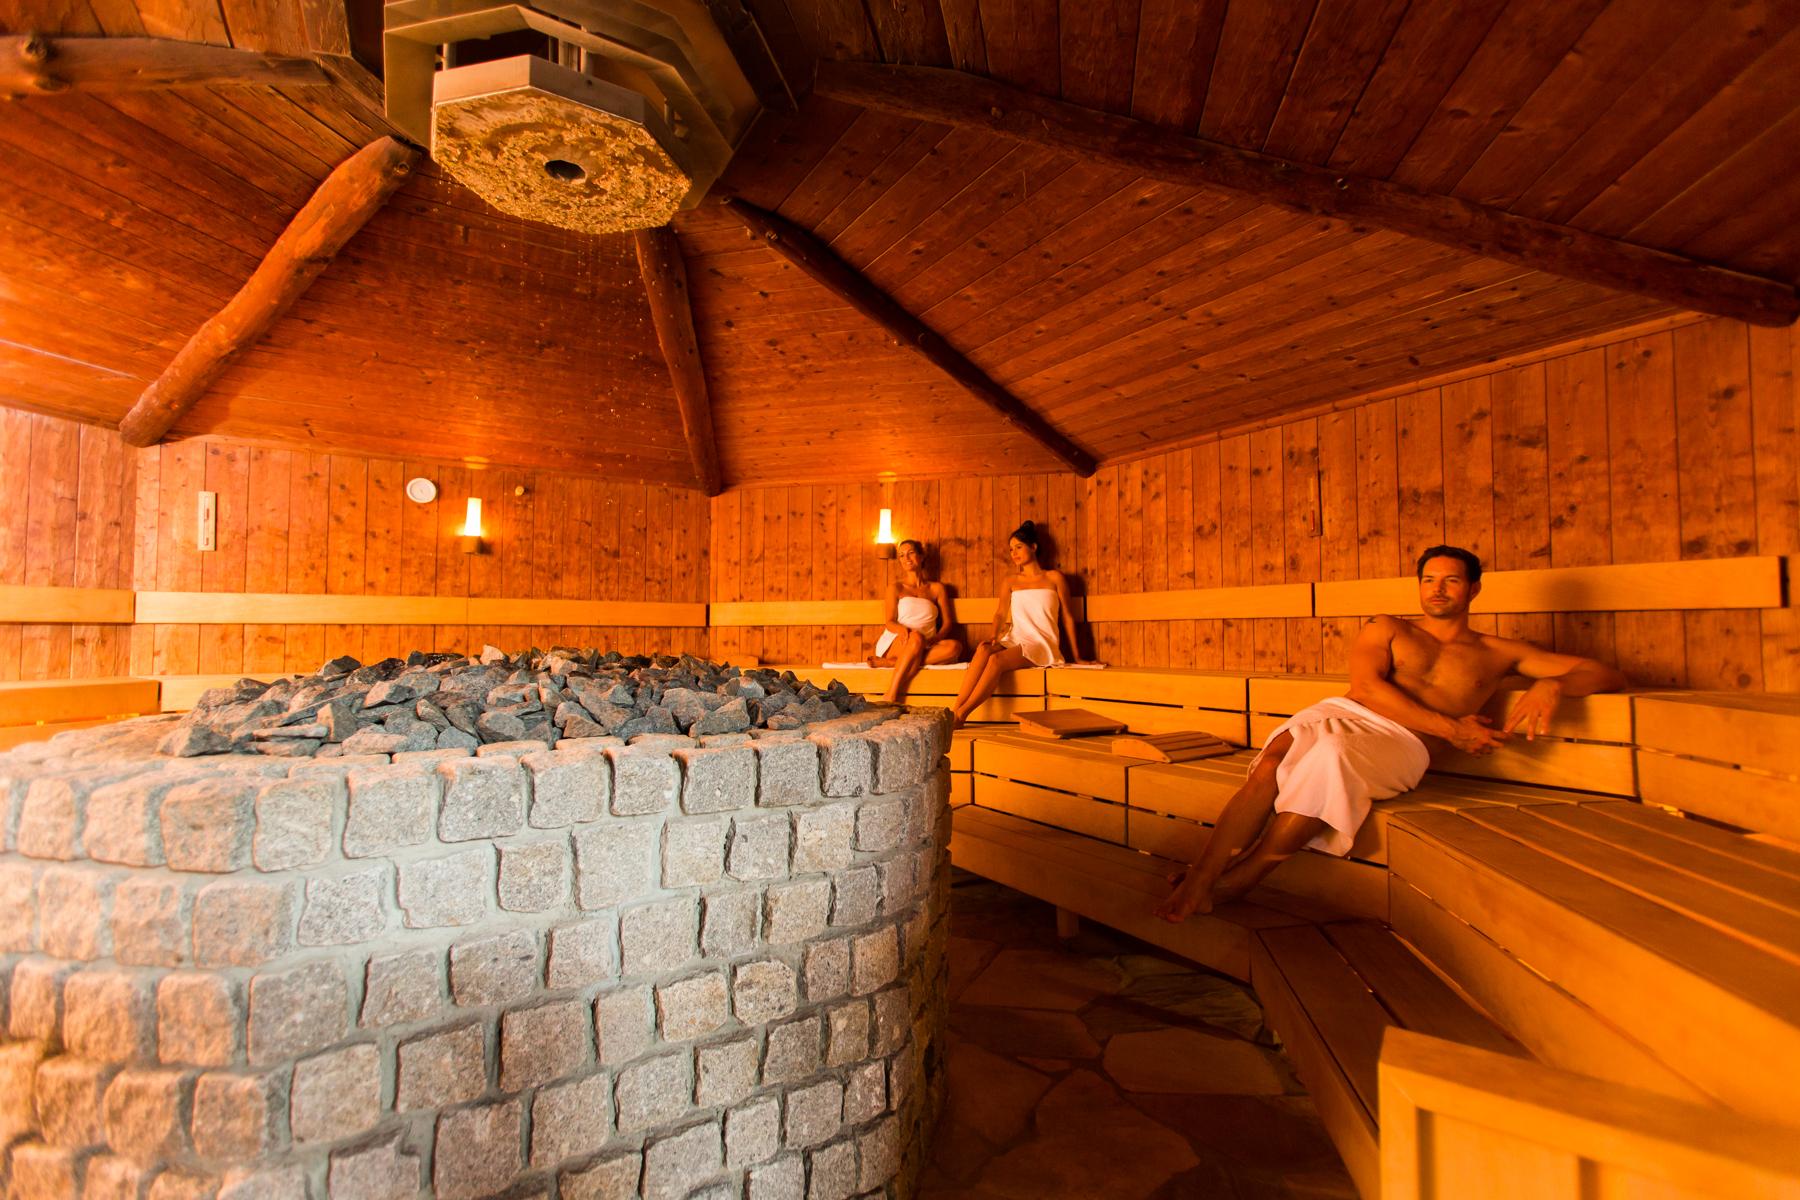 naar de sauna in de herfst